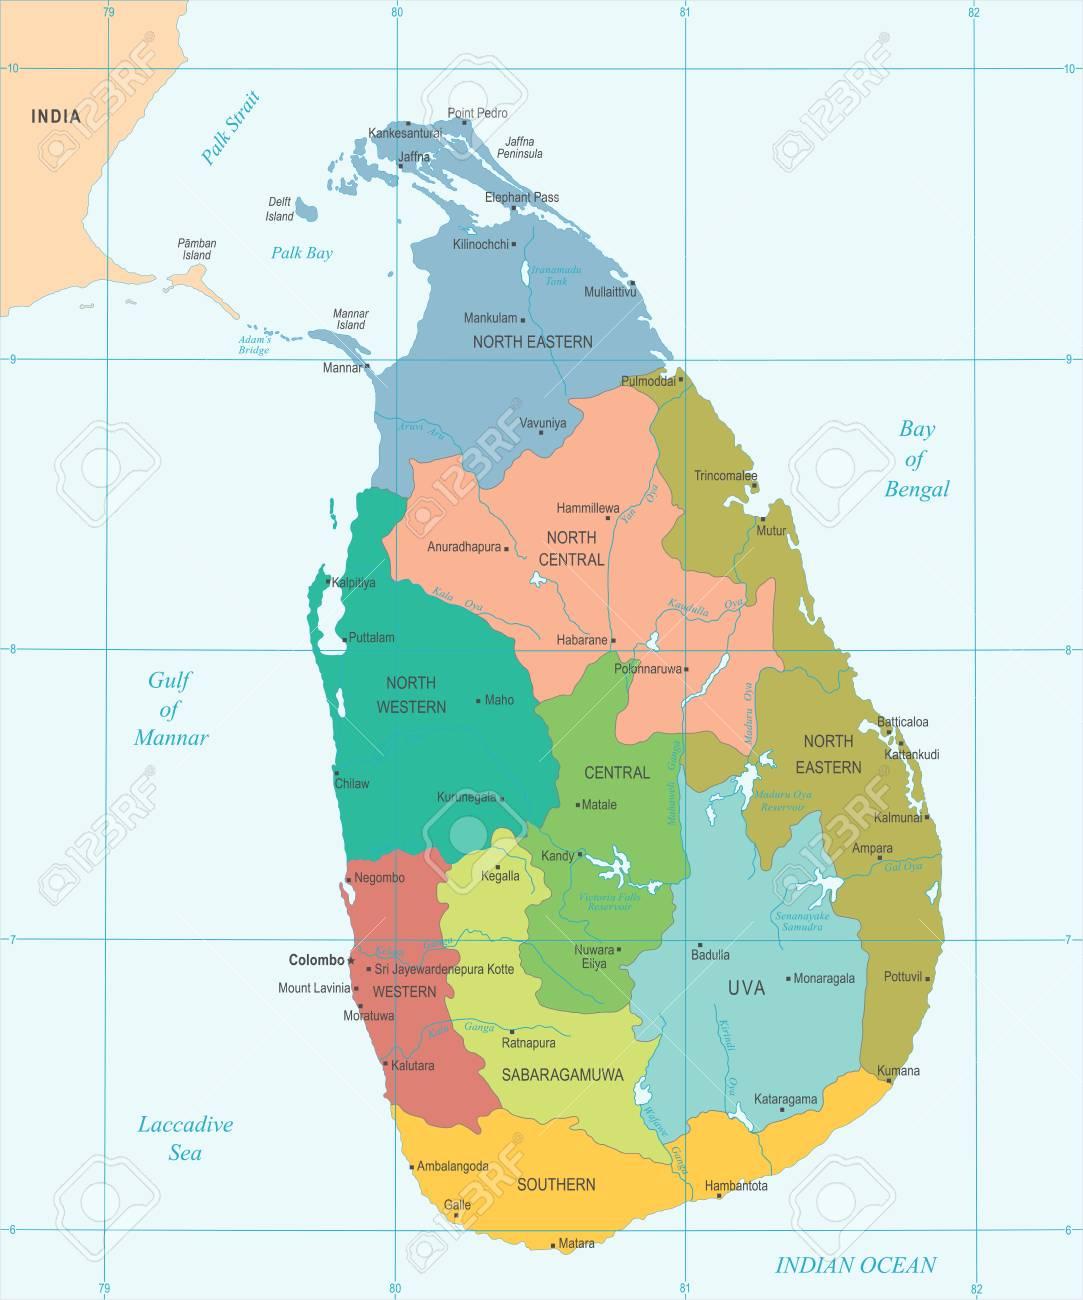 Mapa De Sri Lanka.Mapa De Sri Lanka Ilustracion Vectorial Detallada Detallada